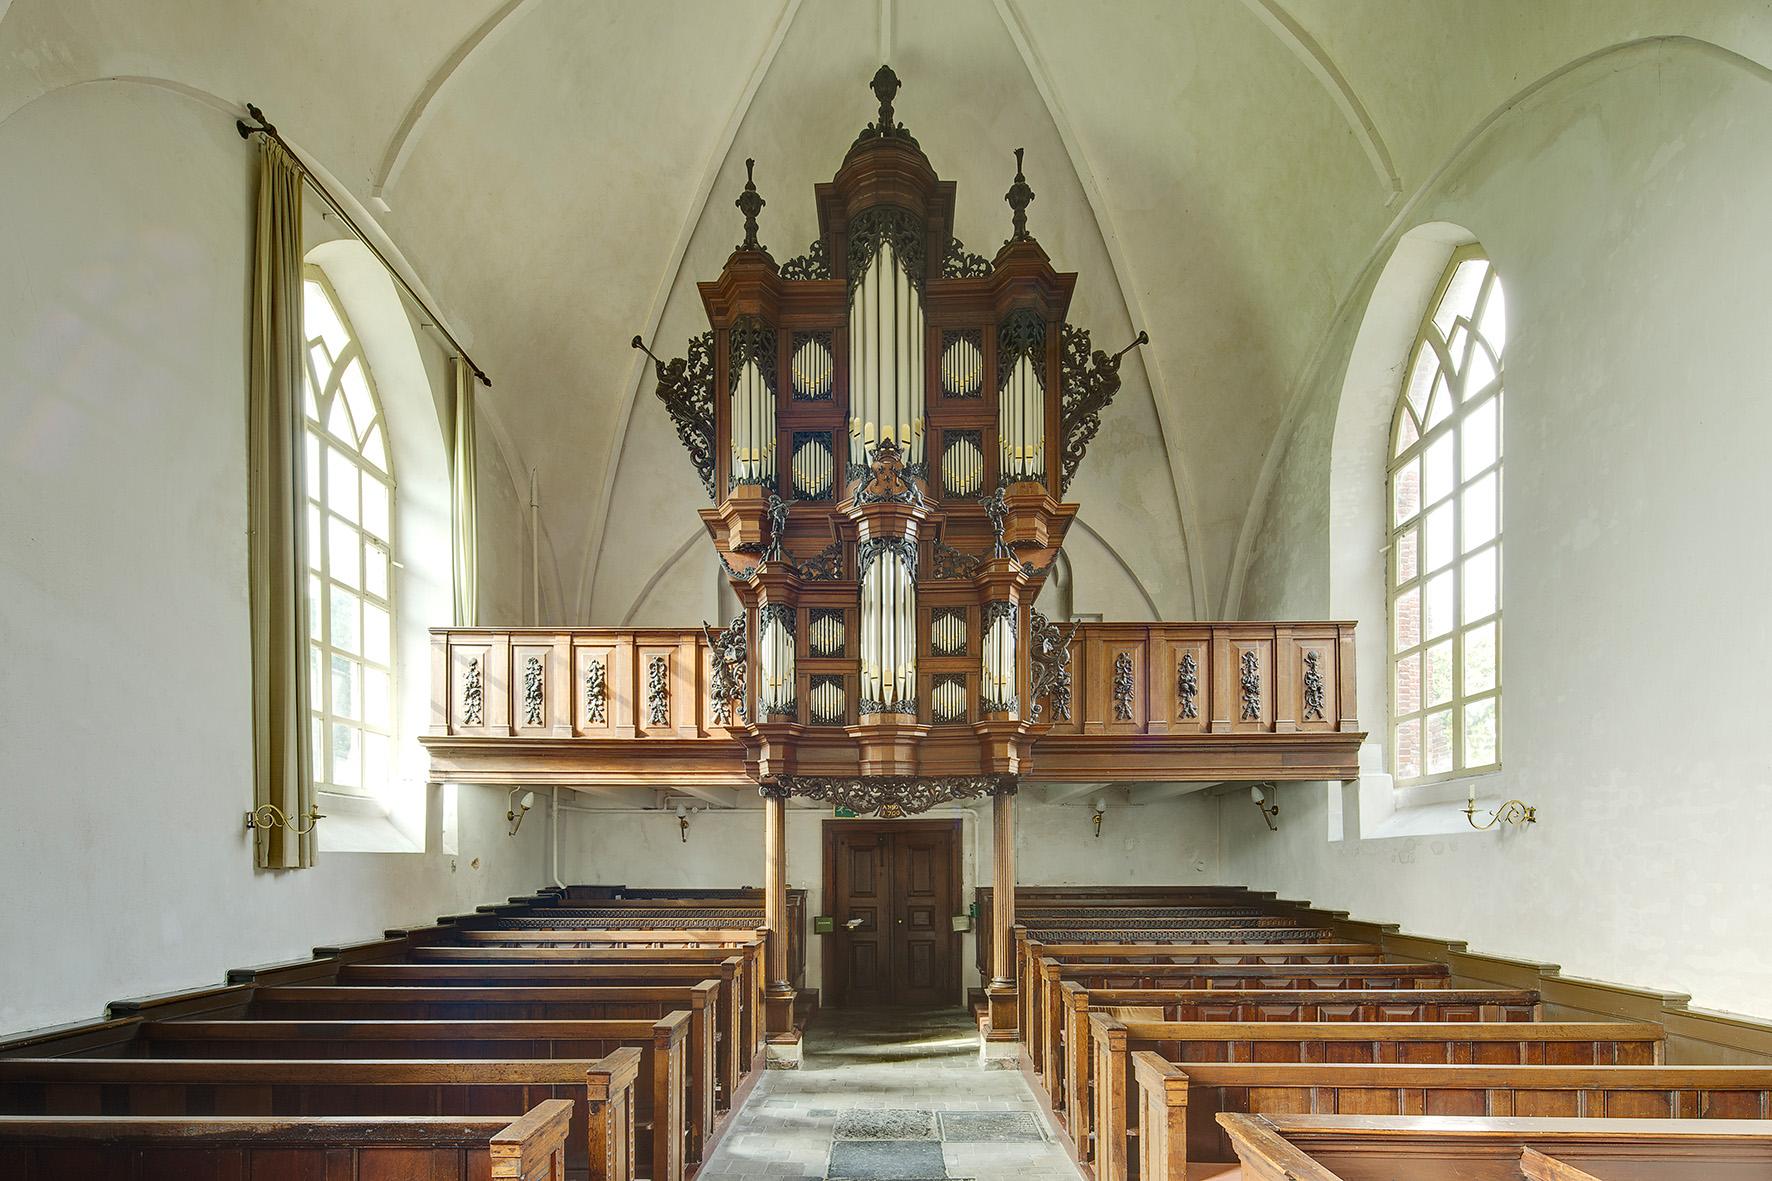 UITHUIZEN / 5-10-2010 / Het orgel van de Jacobi kerk  / Foto: Omke Oudeman